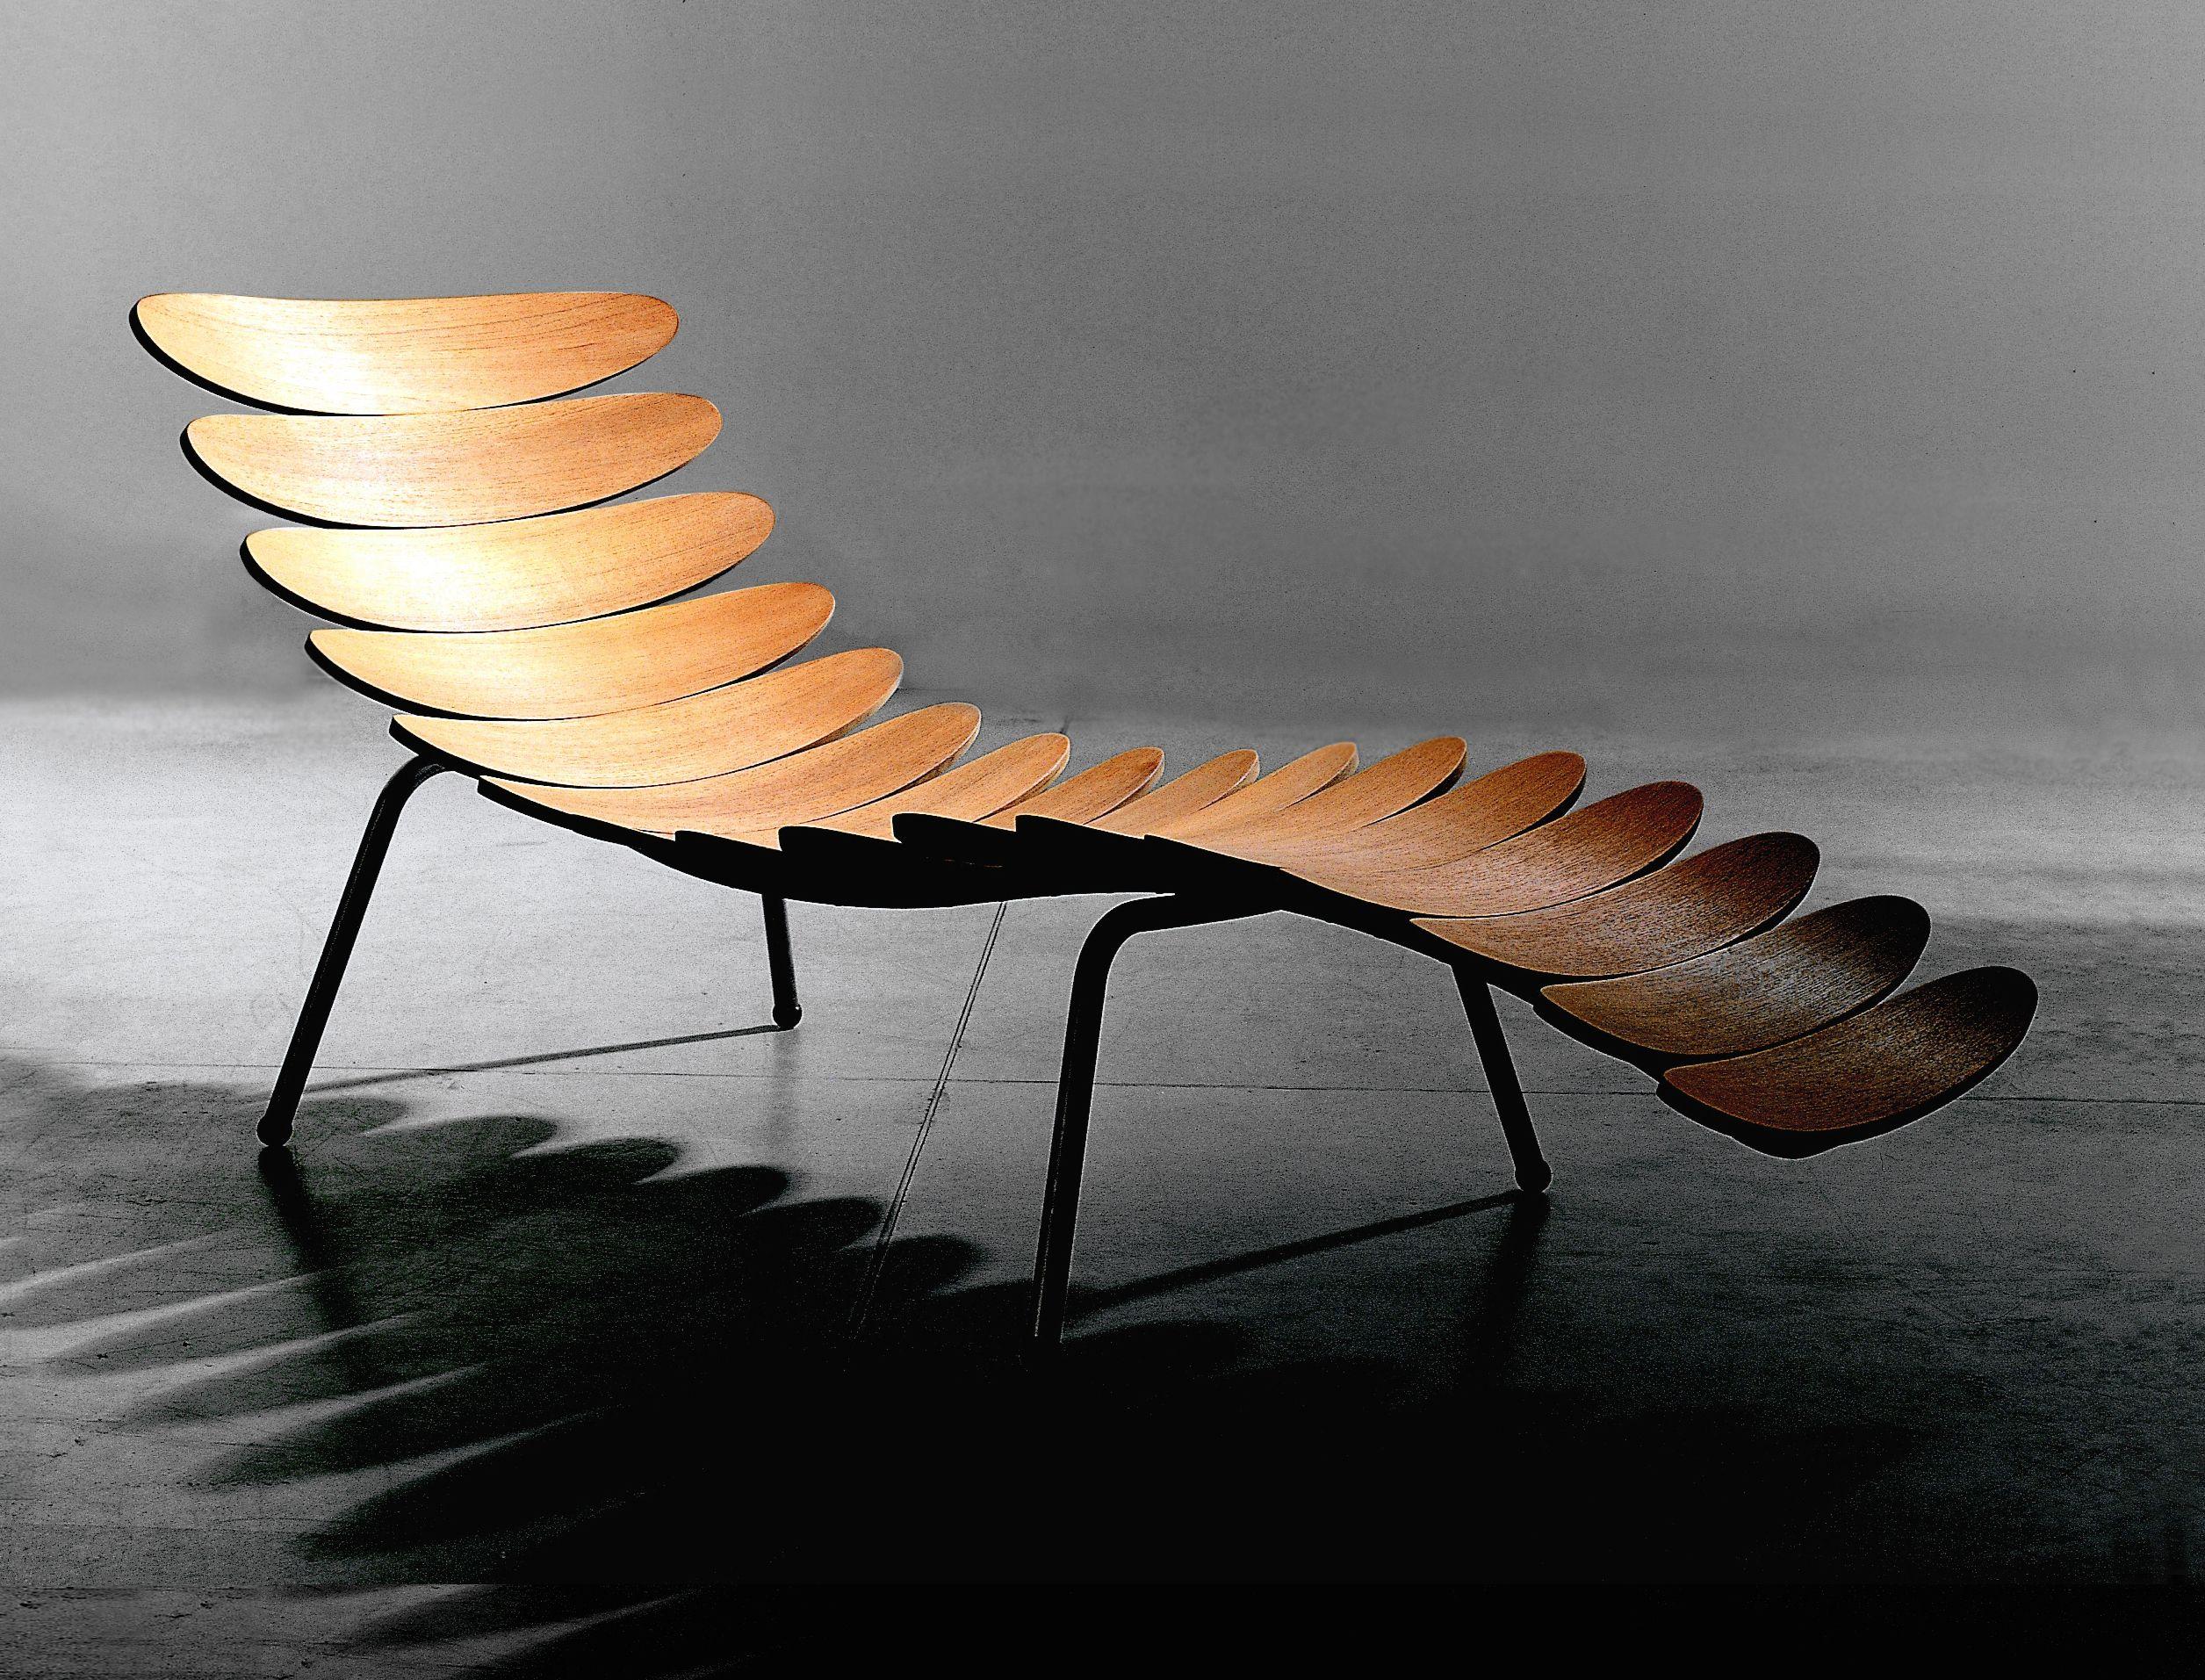 Listers Bedroom Furniture Palms For Lister By Frans Schrofer Studio Schrofer Furniture